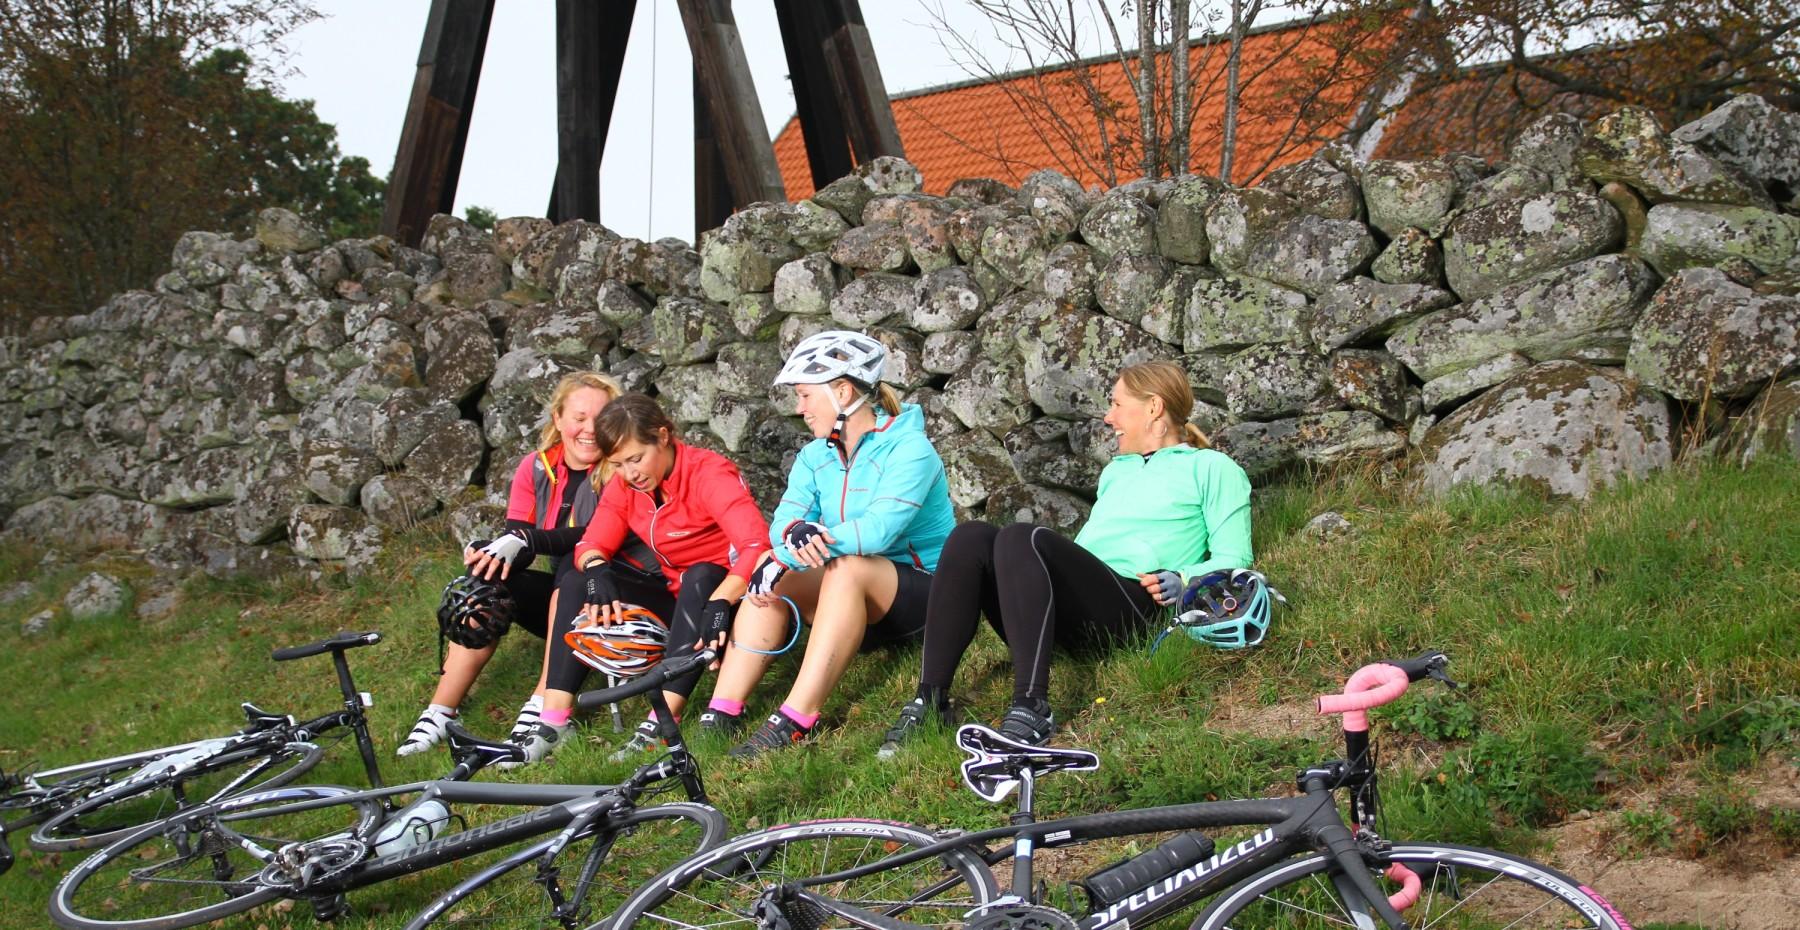 Växjö offers a rich range